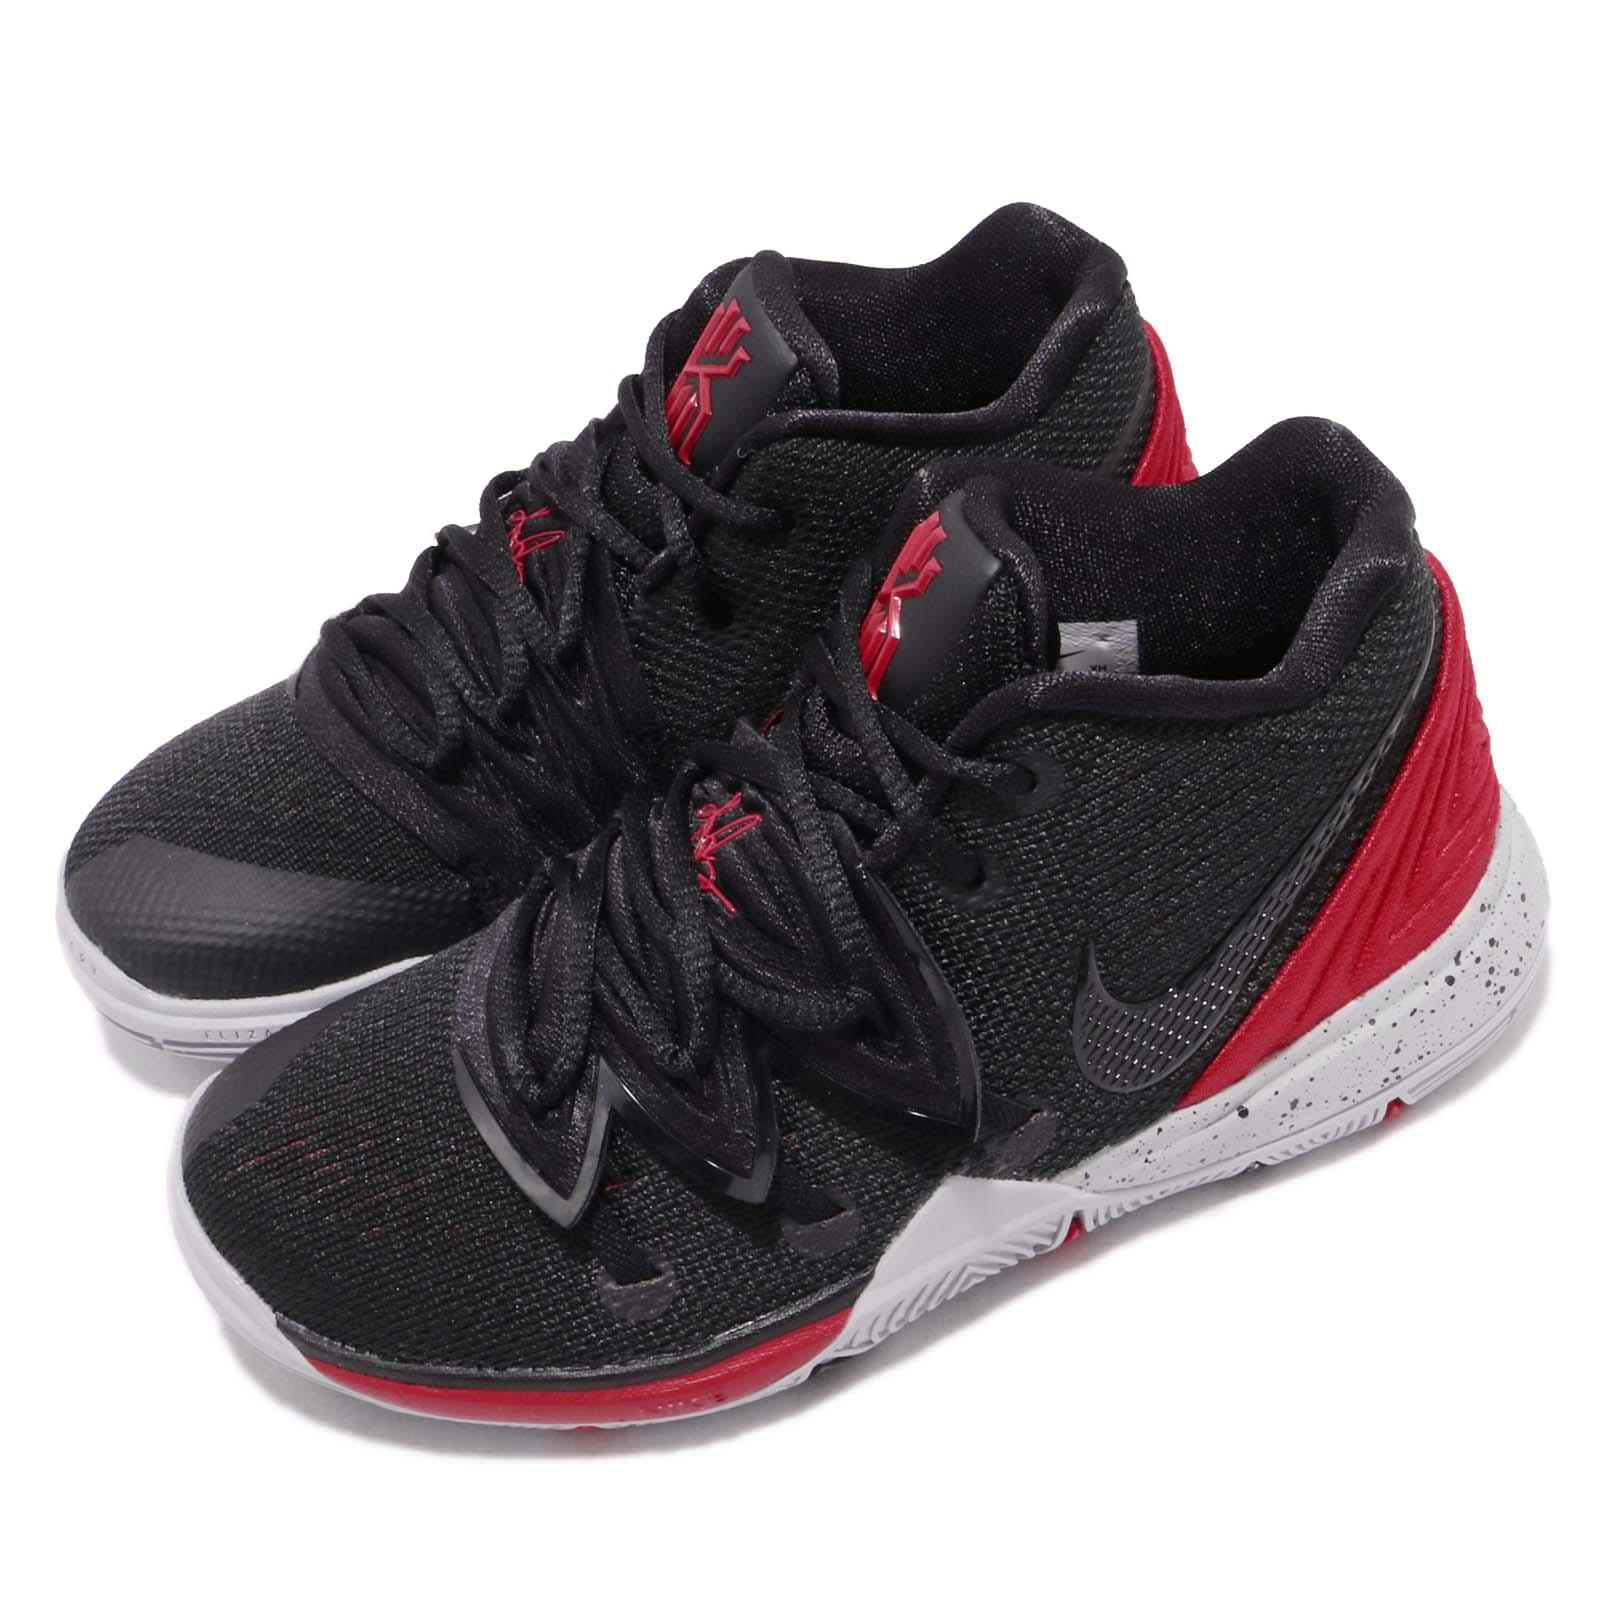 Nike 籃球鞋 Kyrie 5 PS 明星款 童鞋 AQ2458-600